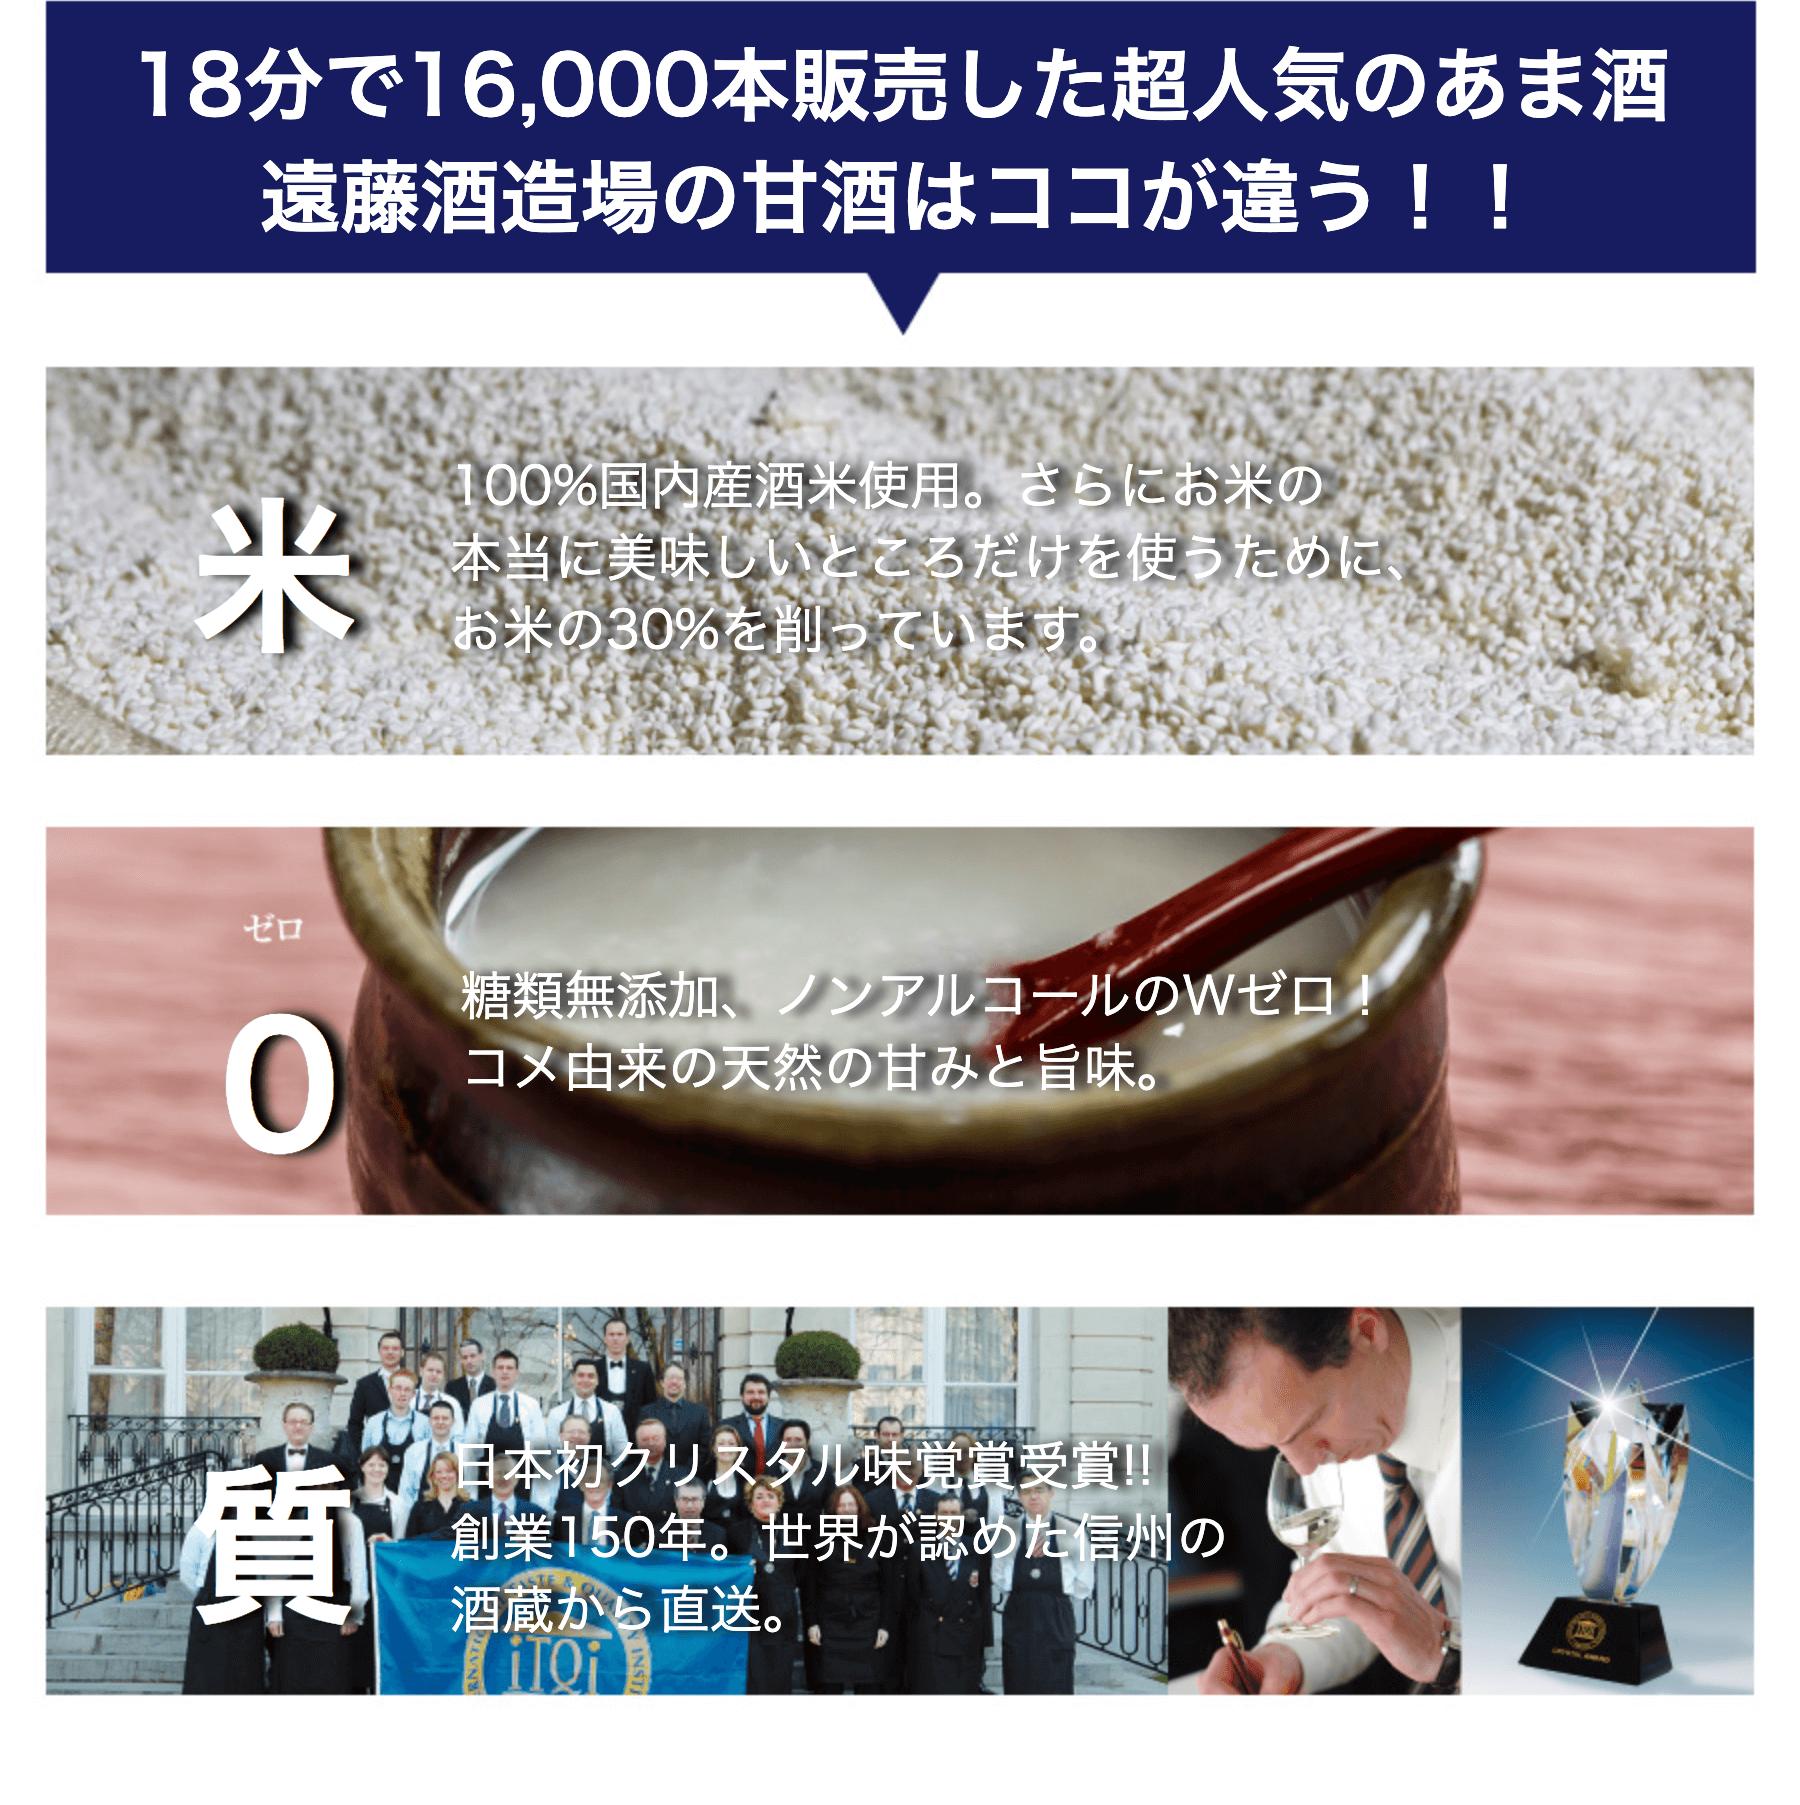 18分で16,000本販売した超人気の甘酒遠藤酒造場の甘酒はここが違う